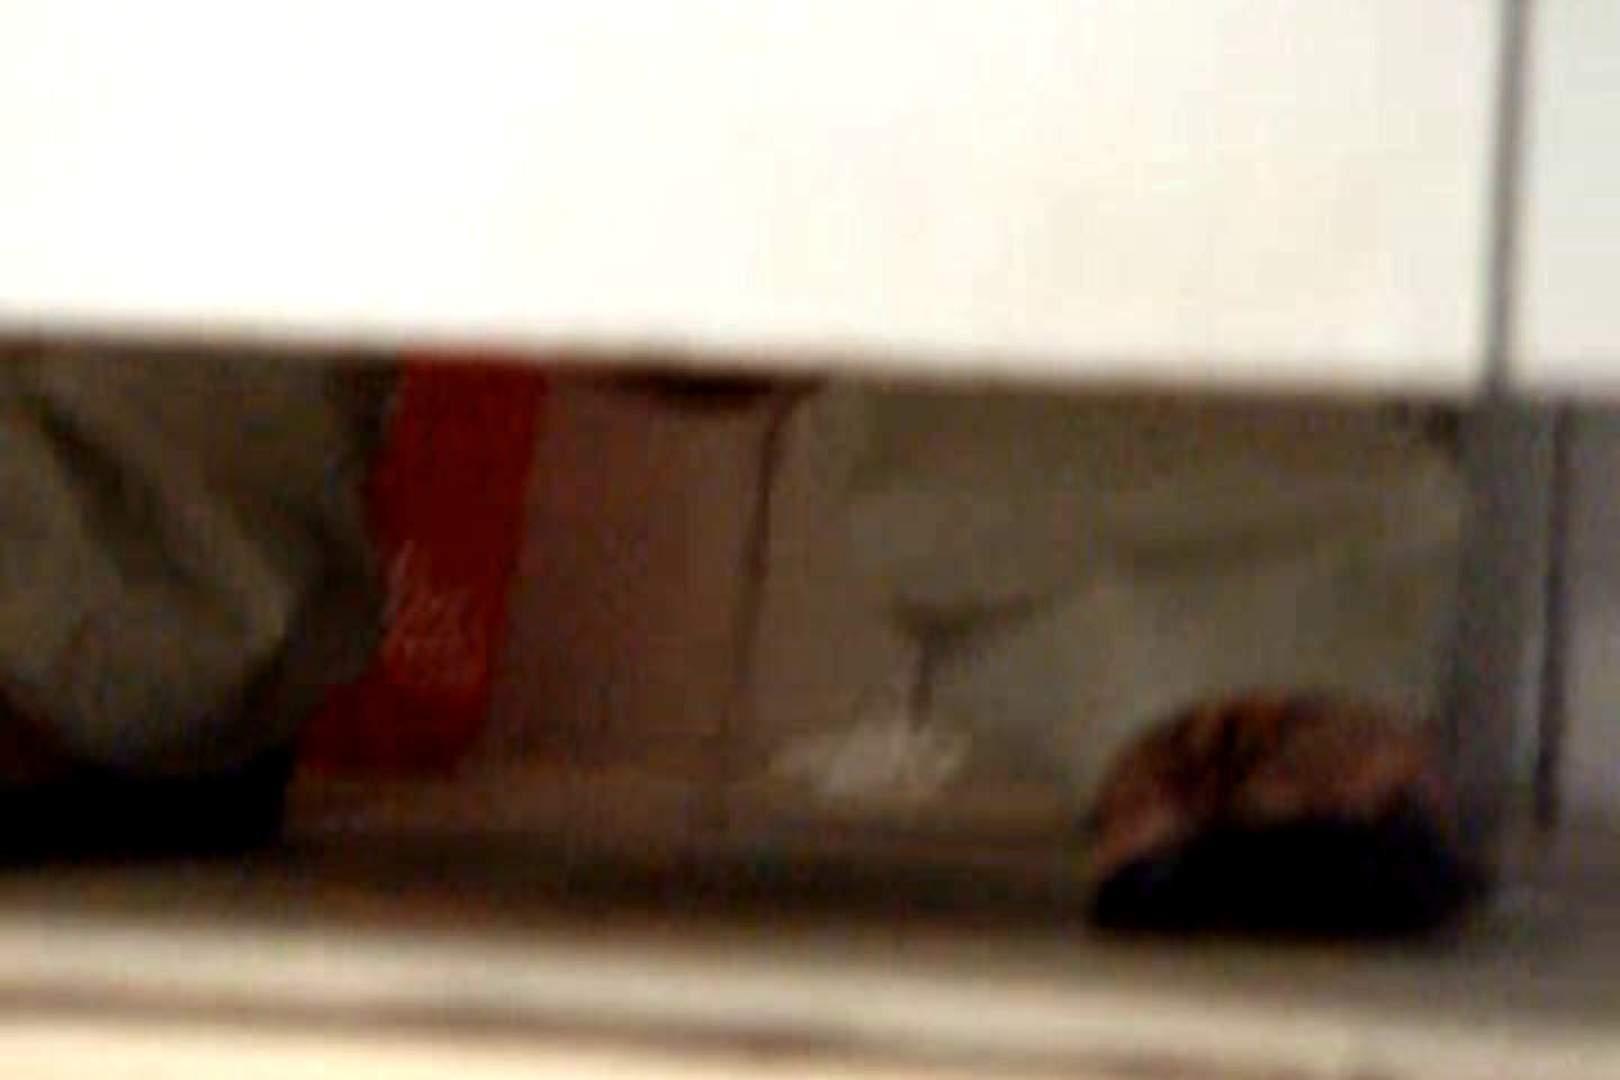 ぼっとん洗面所スペシャルVol.5 OLセックス | おまんこ無修正  82画像 52